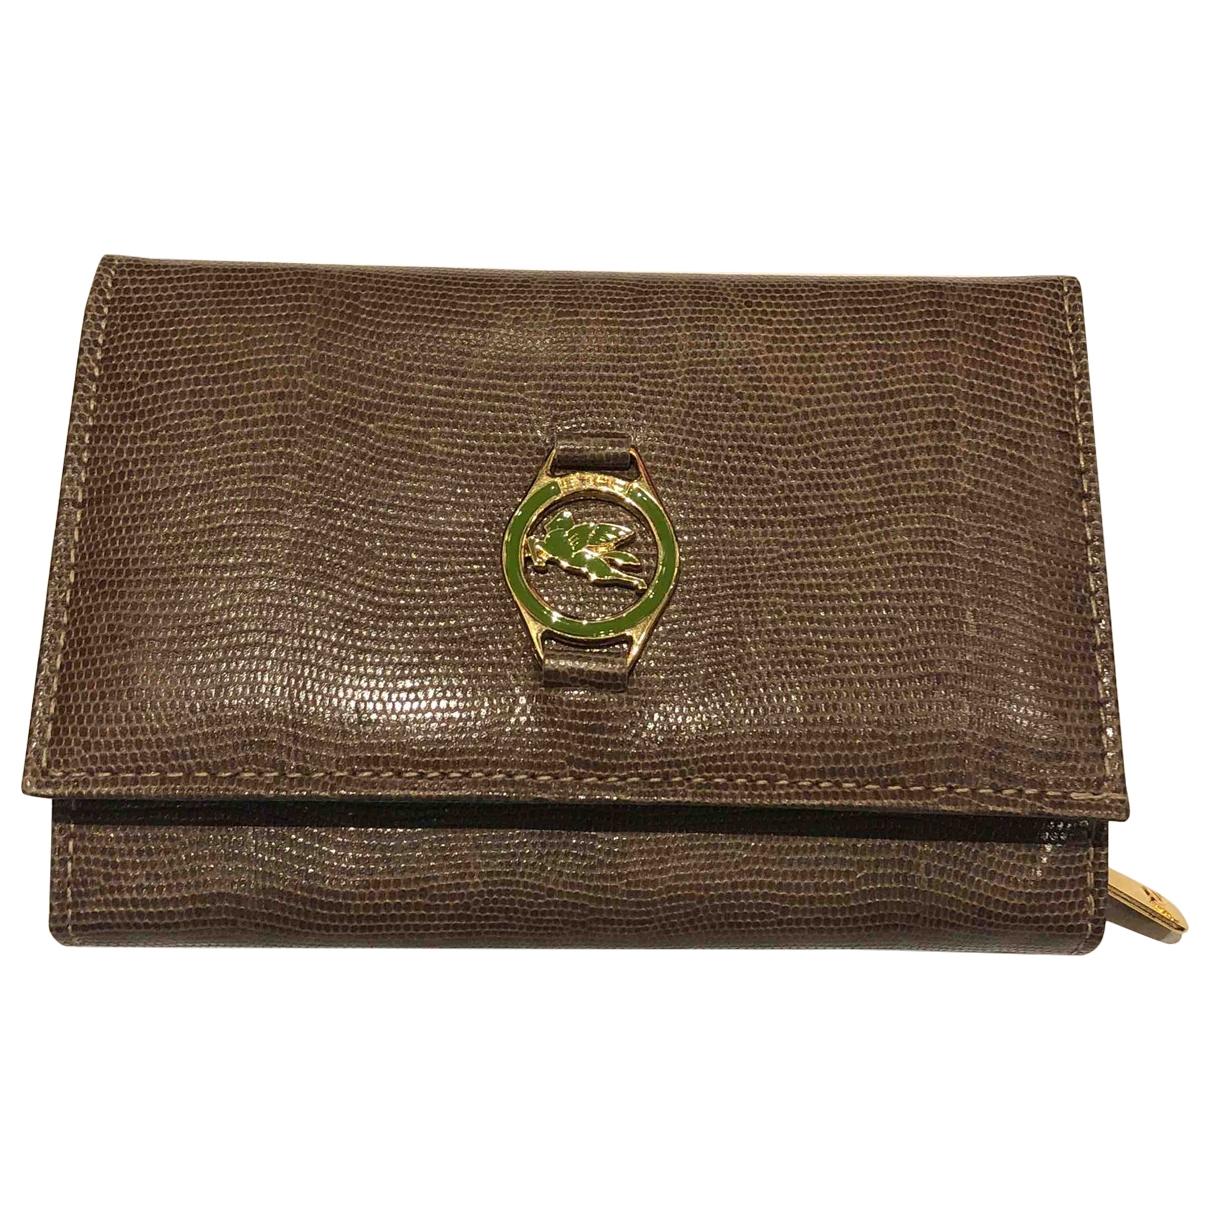 Etro \N Portemonnaie in  Braun Leder